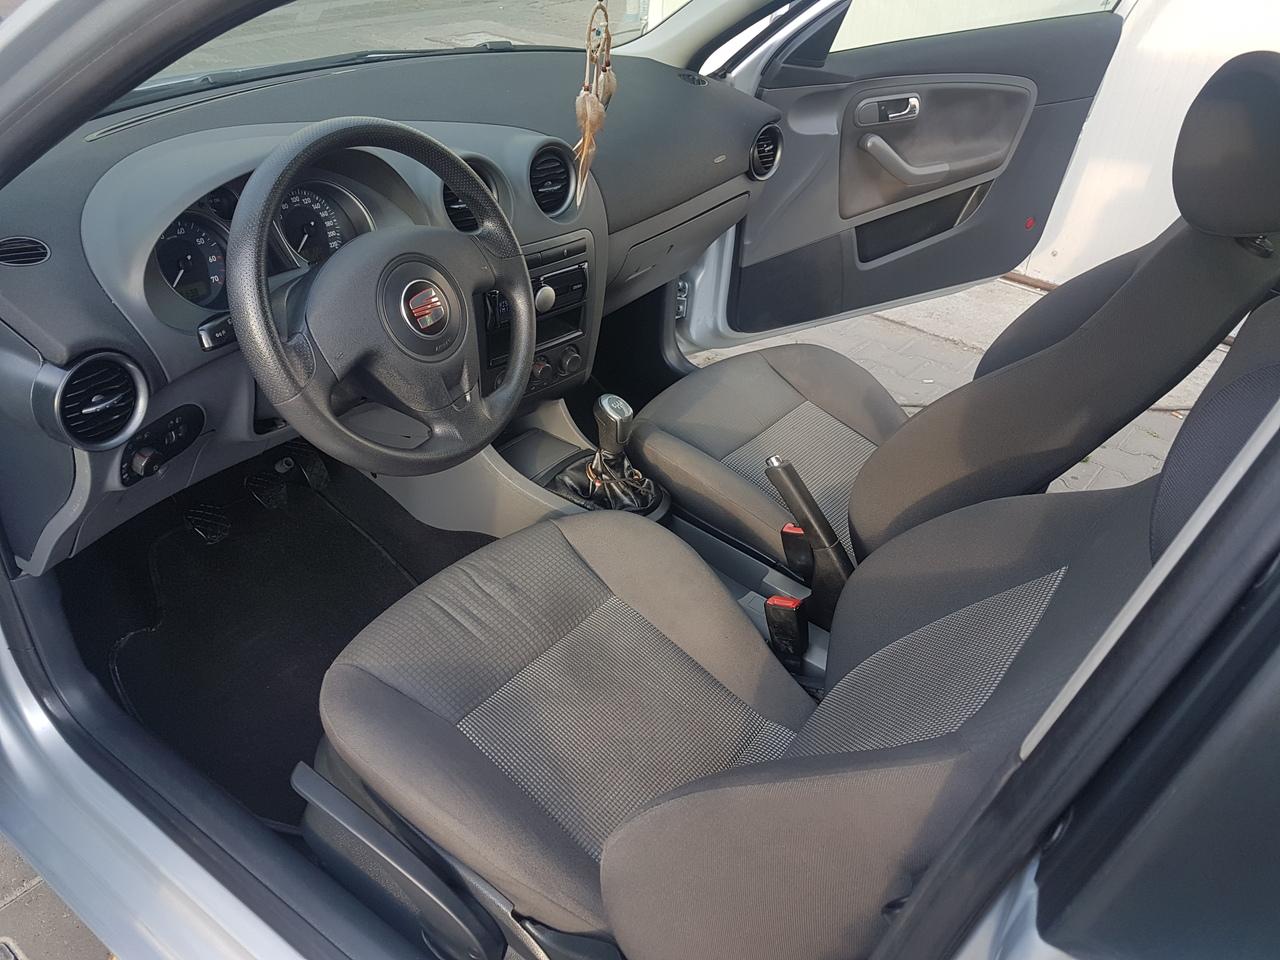 Seat Ibiza 1.2 12V 2007